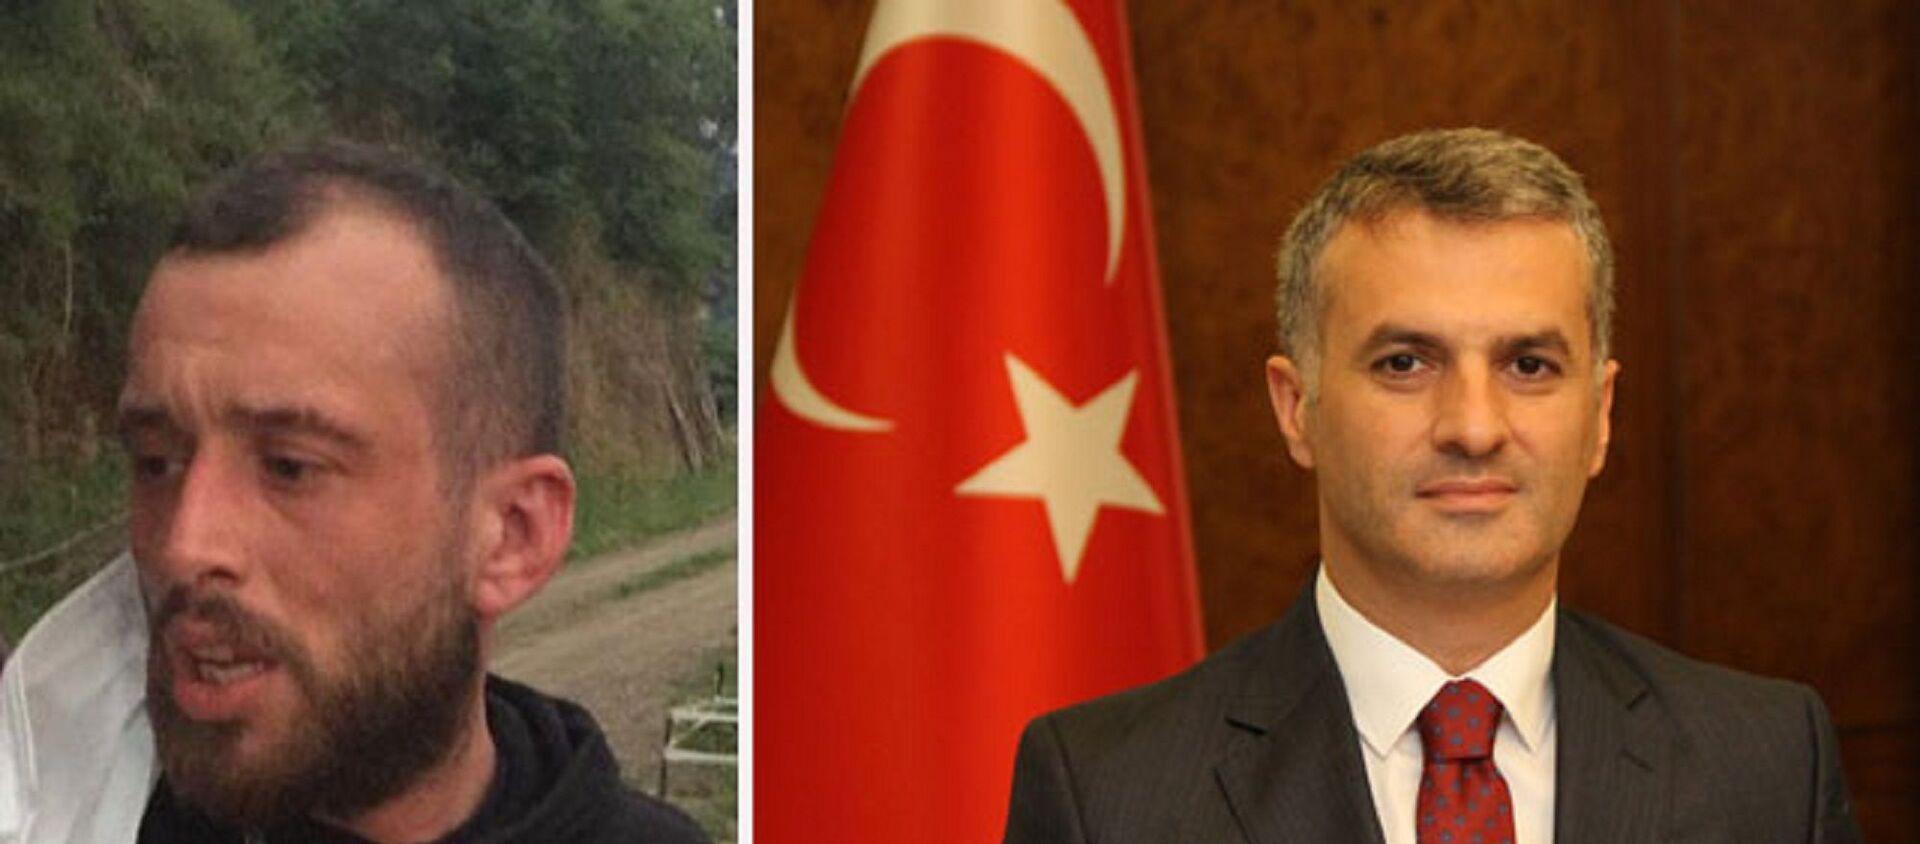 Trabzon'da, Yomra Belediye Başkanı İYİ Parti'li Mustafa Bıyık'a silahlı saldırı - Sputnik Türkiye, 1920, 12.06.2021